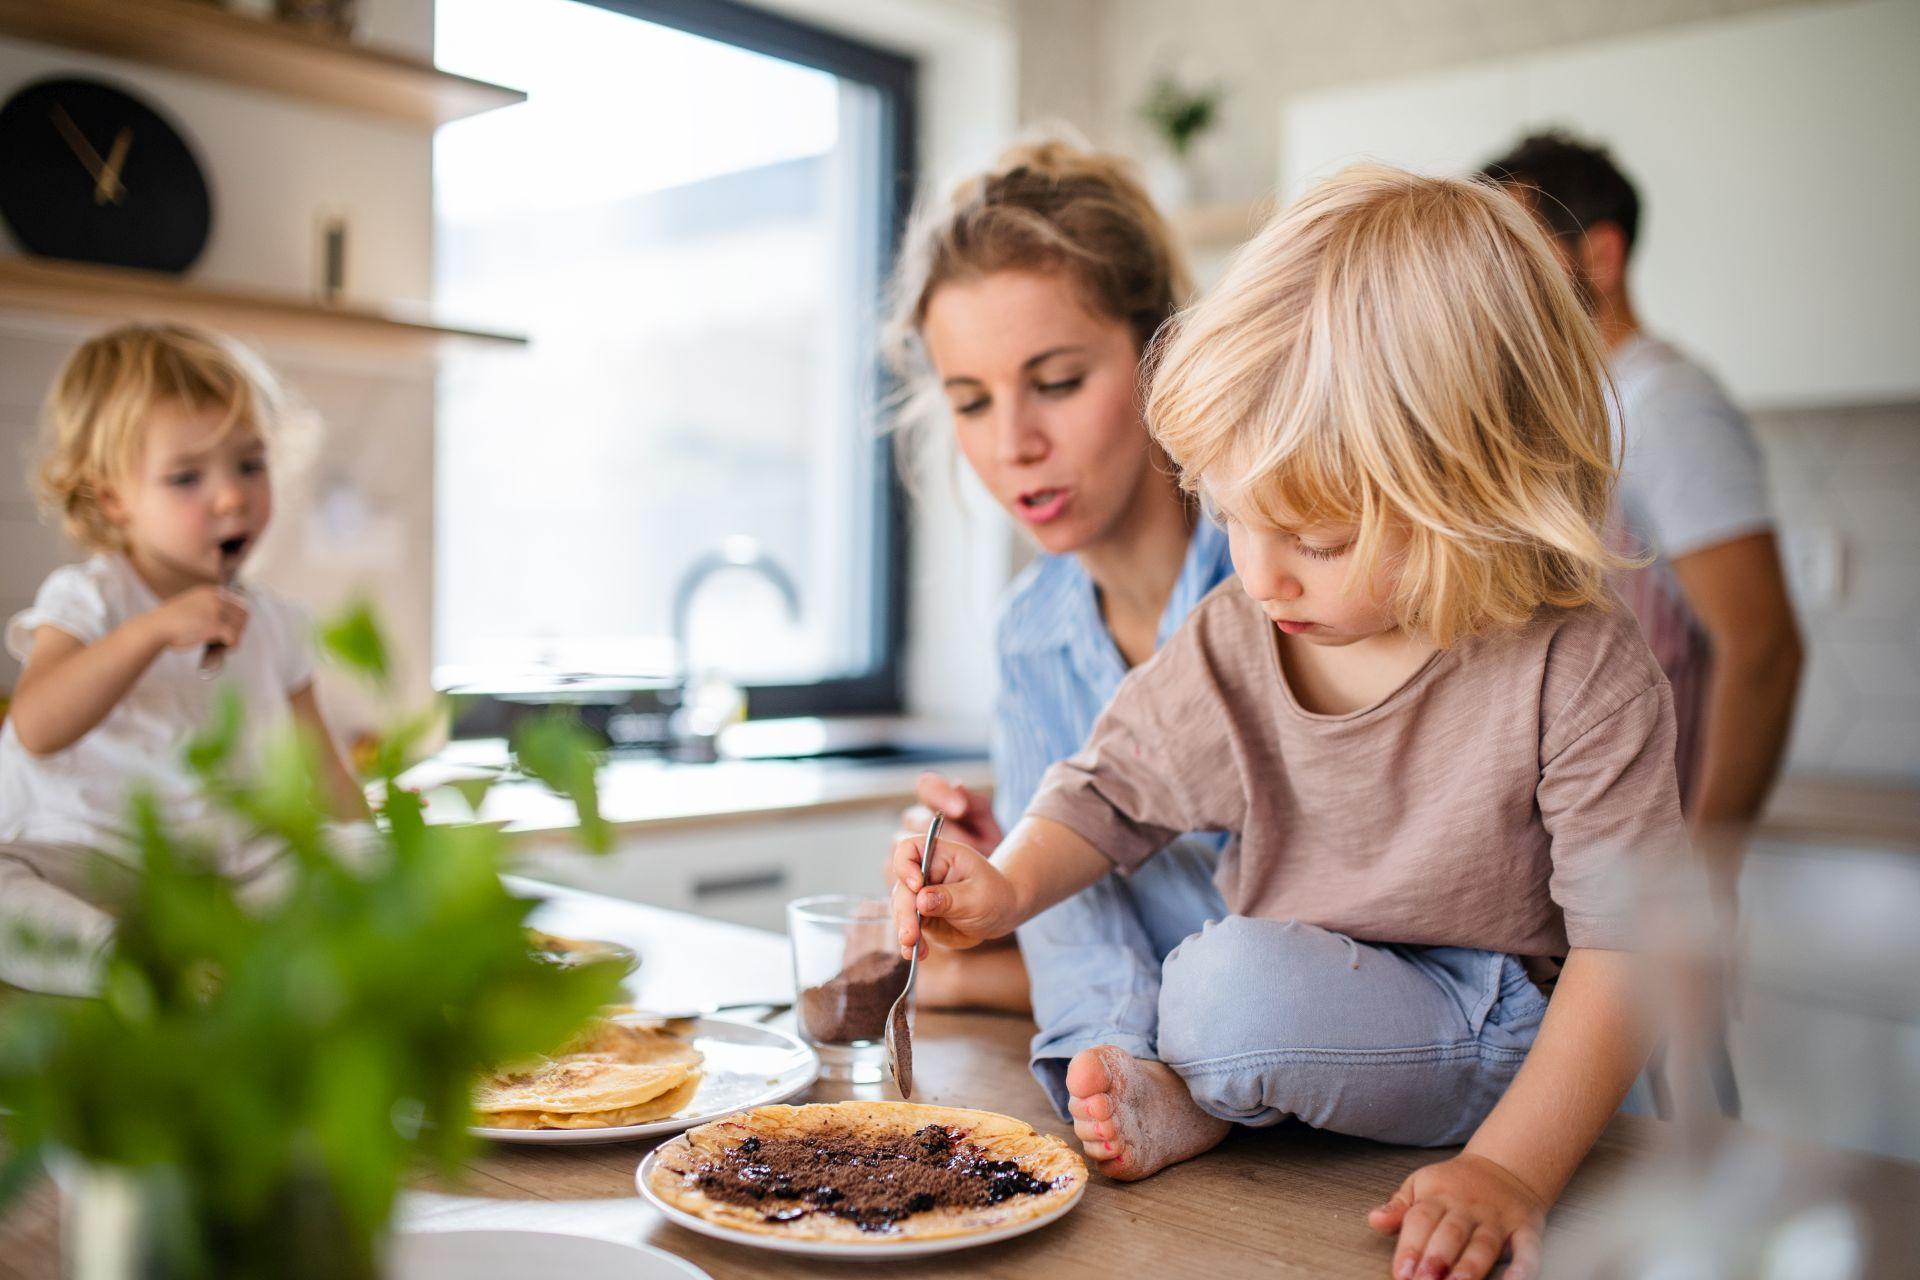 Jak kształtować zdrowe nawyki żywieniowe u dzieci? Jak powinna wyglądać dieta dla dzieci i nastolatków, aby była wartościowa i dostarczała niezbędnych składników odżywczych? Sprawdź!